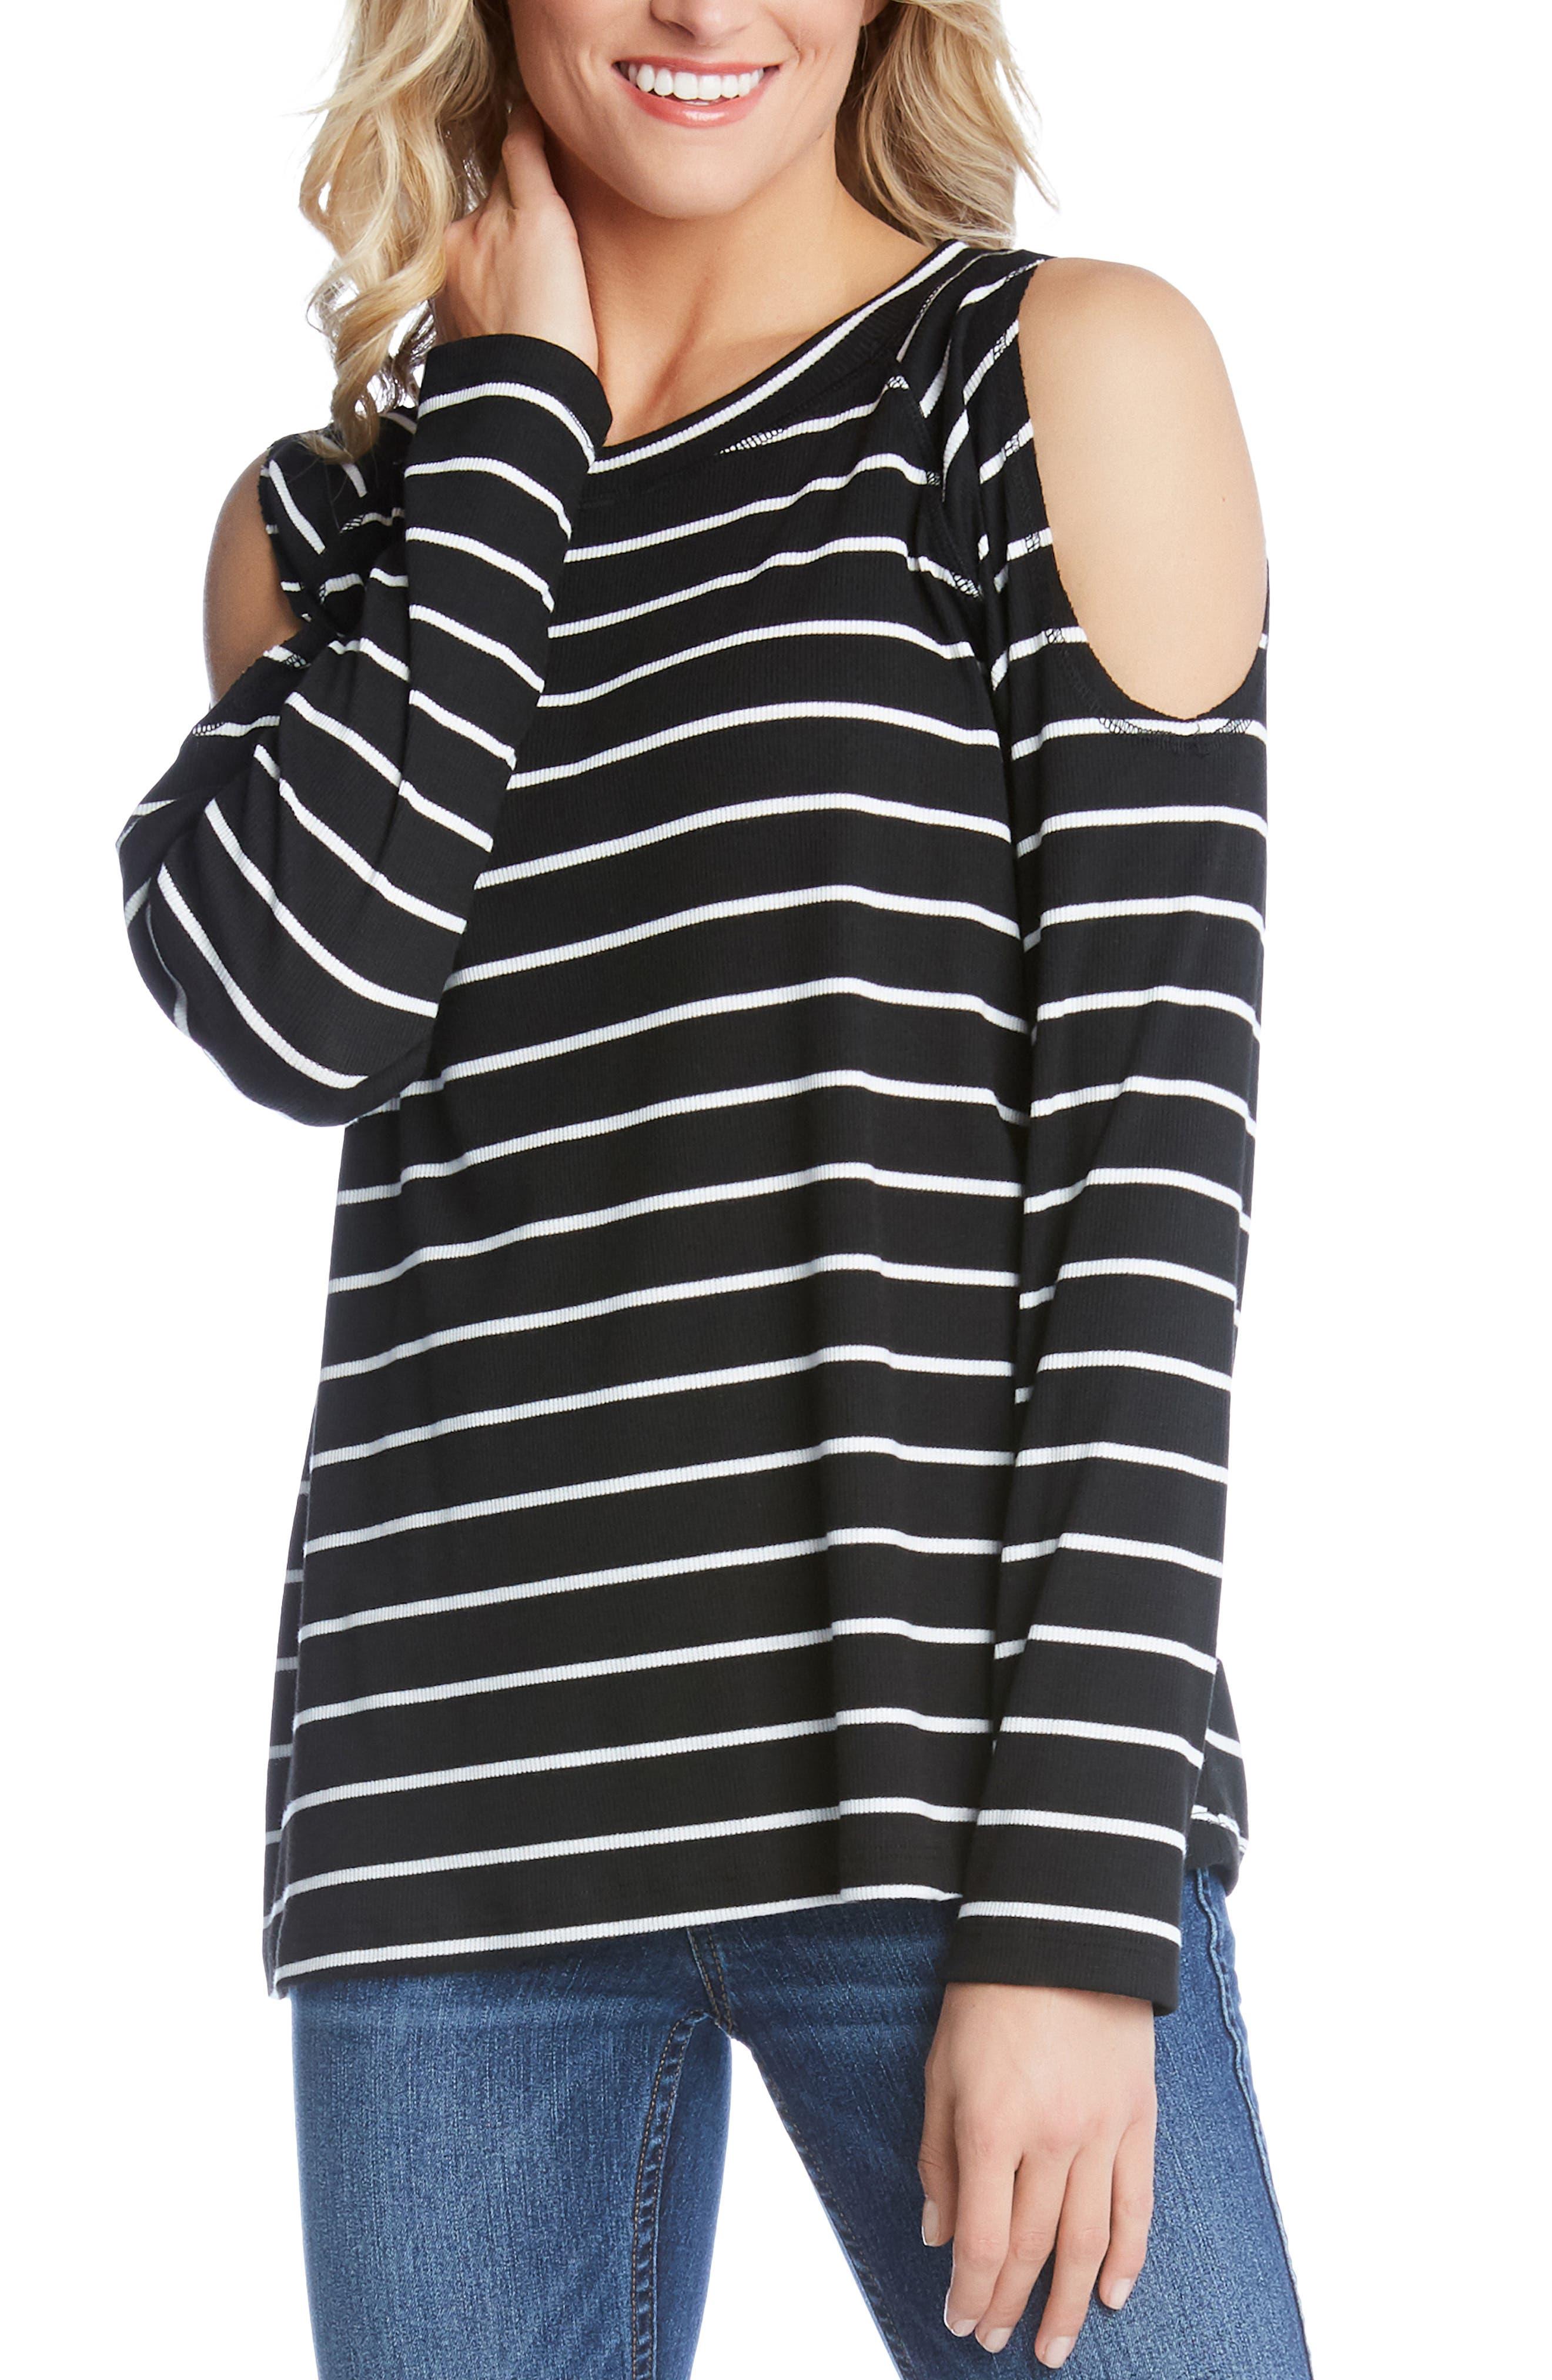 KAREN KANE Cold Shoulder Top, Main, color, STRIPE